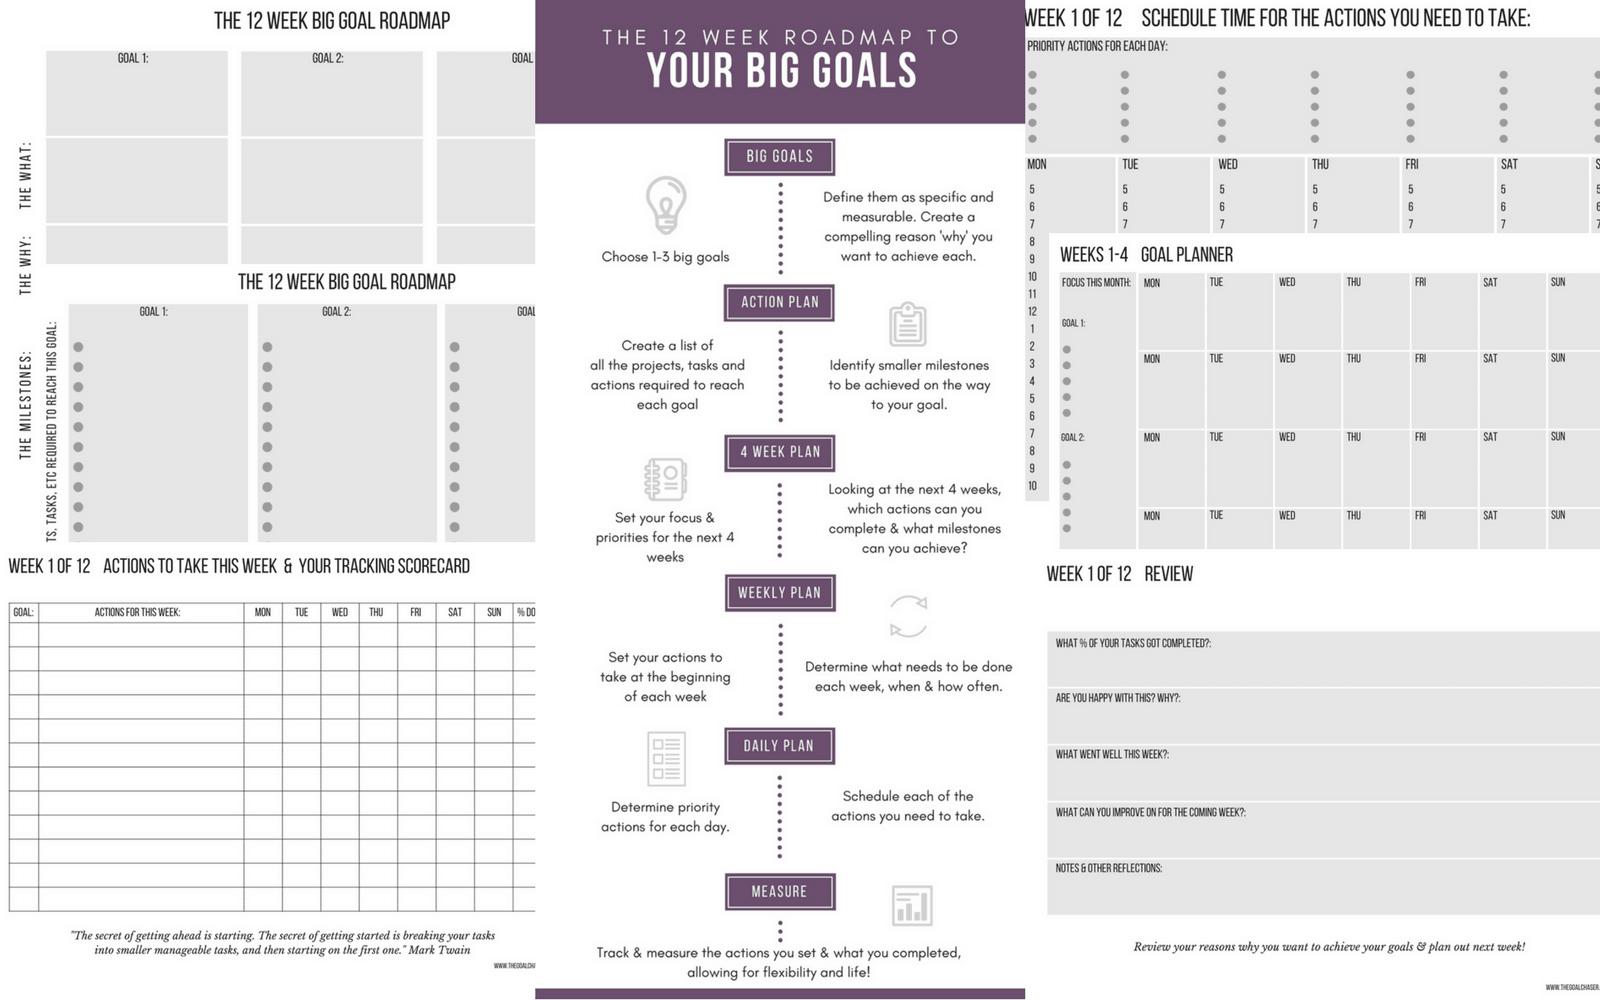 12 Week Roadmap Overview